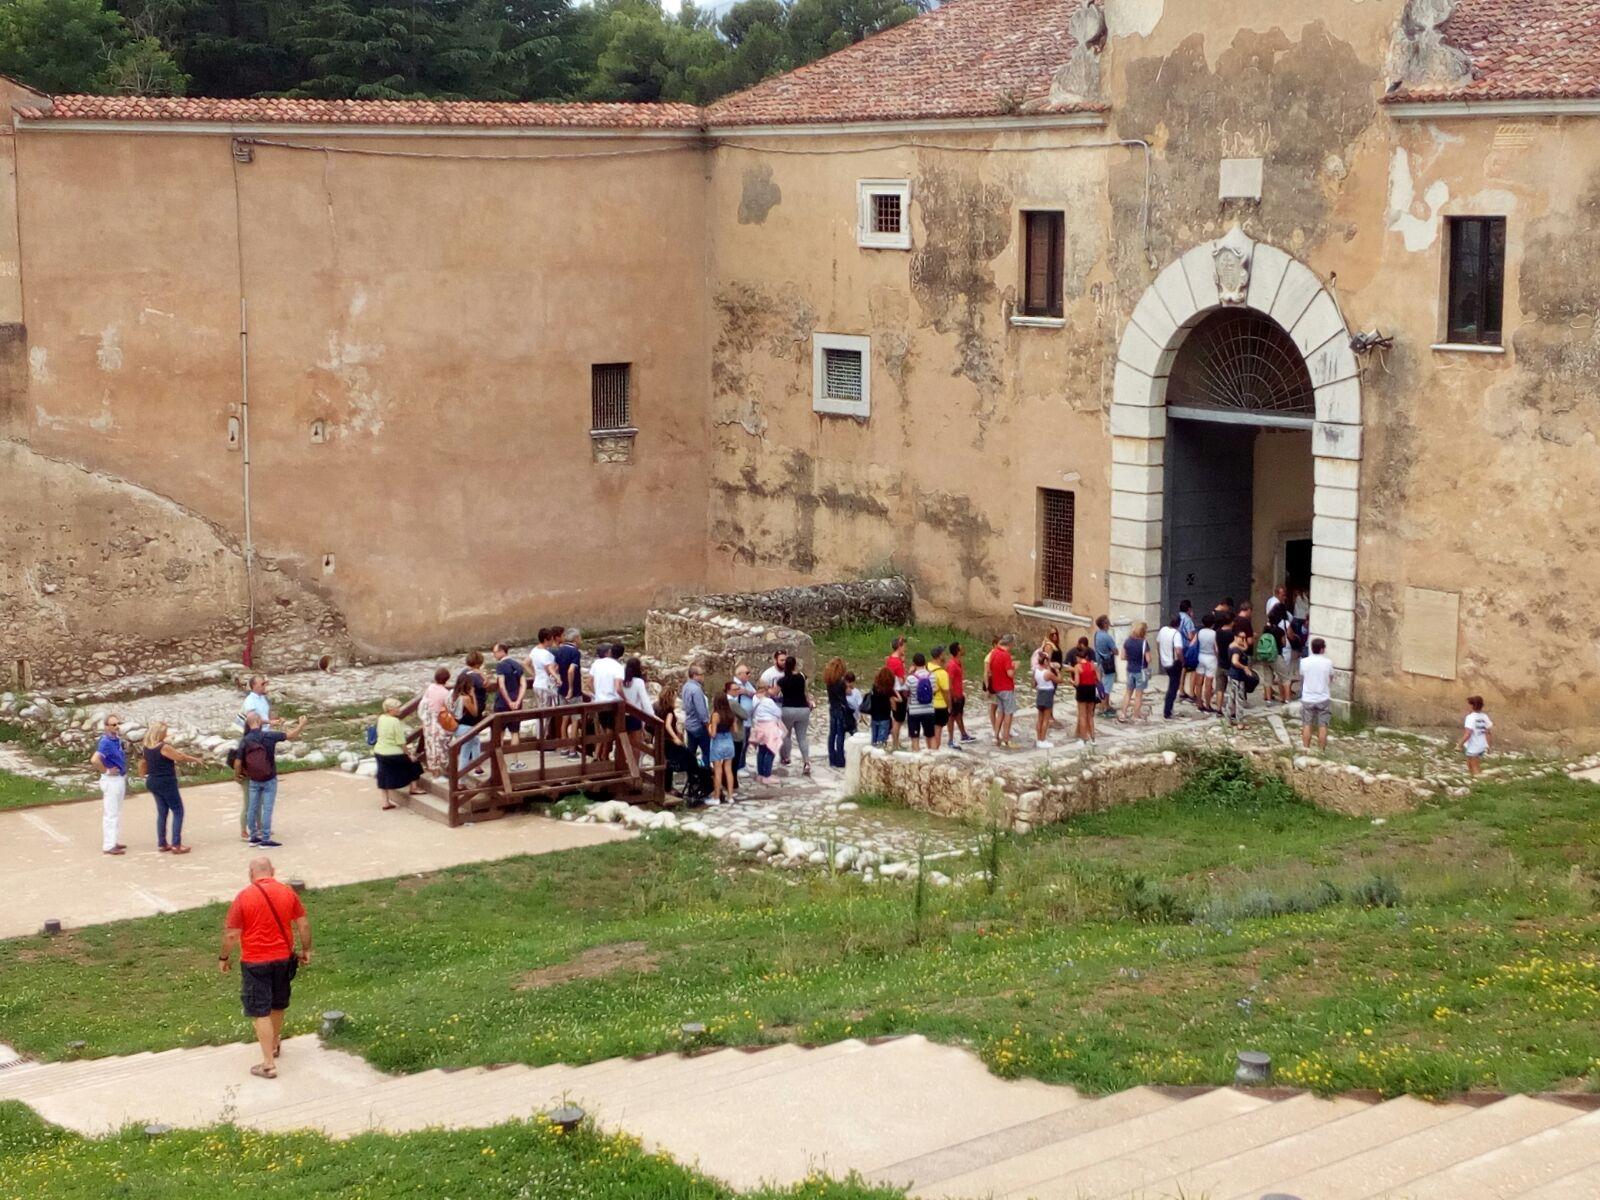 """Oltre 1500 """"Pellegrini d&#39;<b>Arte</b>"""" scelgono la Certosa di San Lorenzo a Padula nel giorno di Ferragosto"""